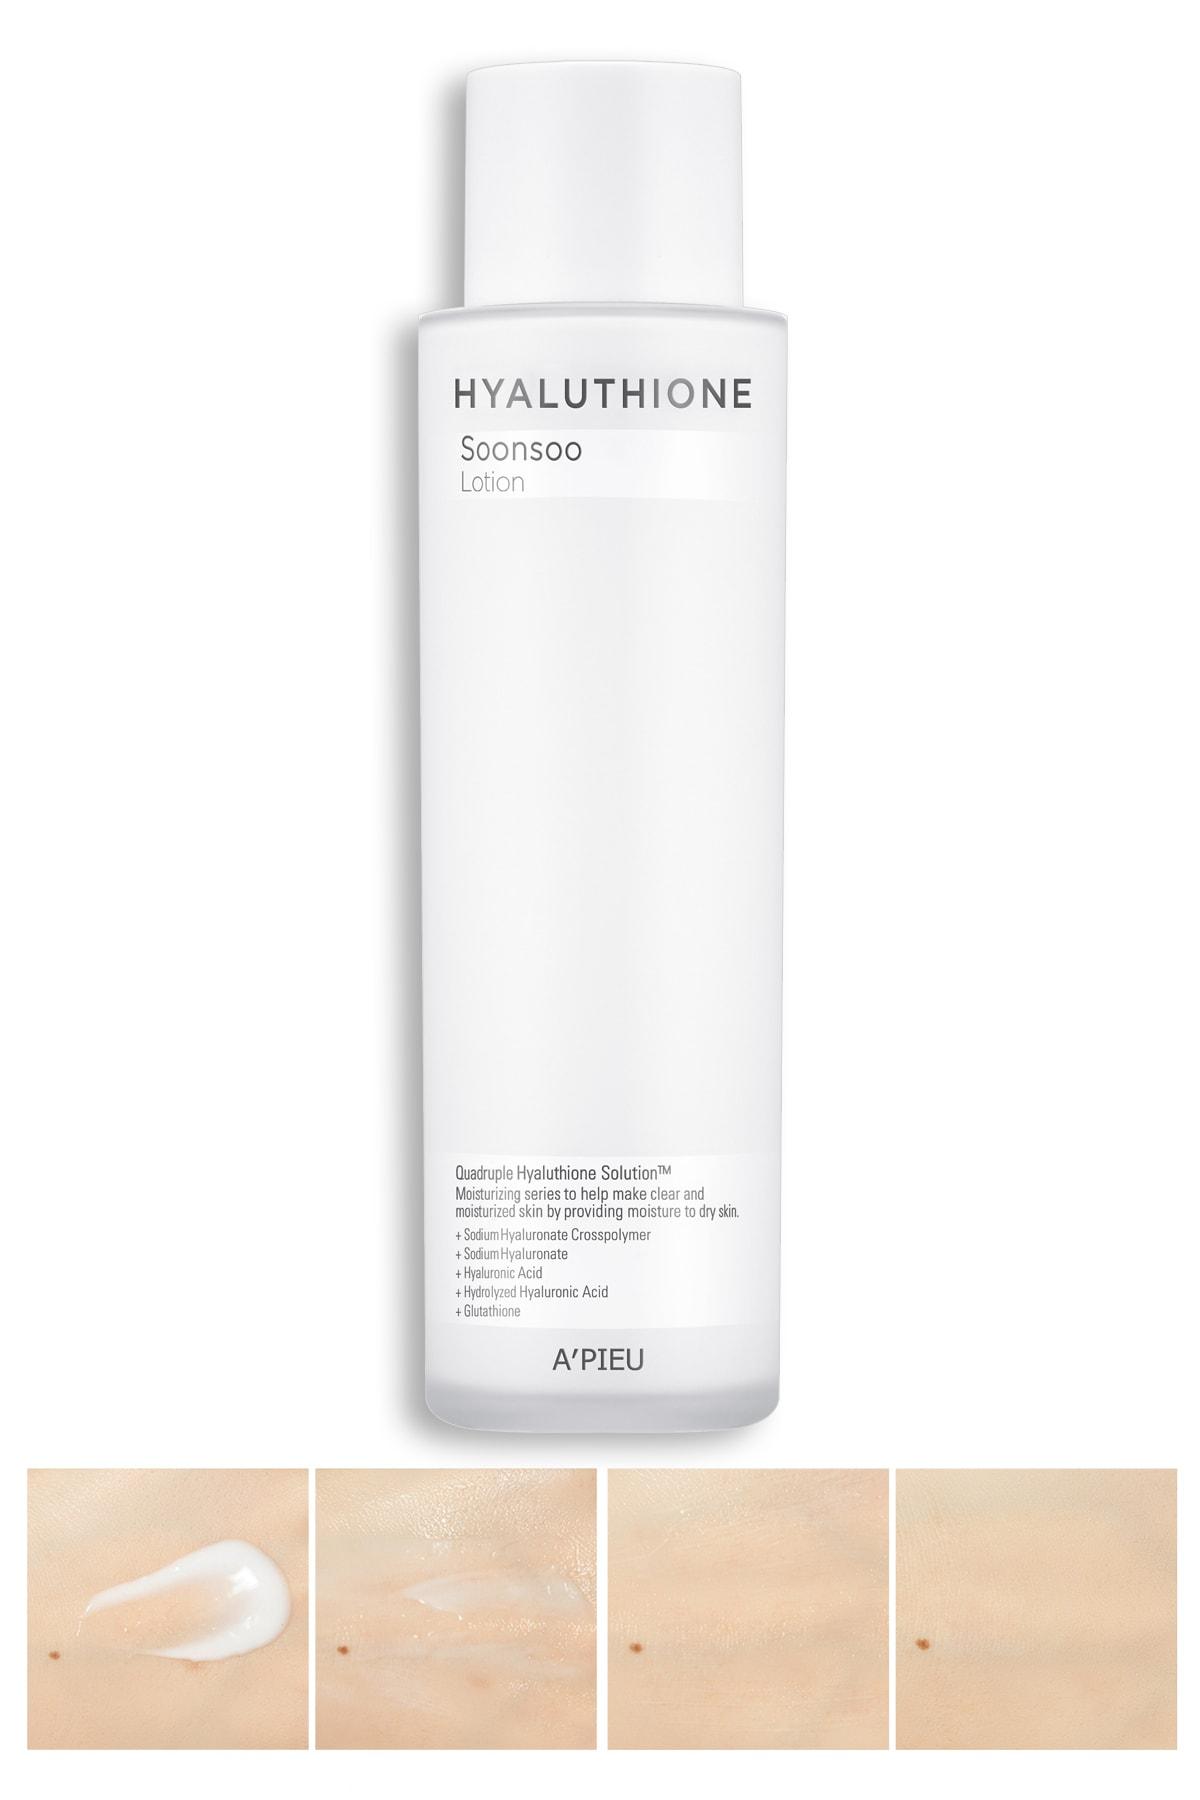 Missha 4 Çeşit Hyalüronik Asit İçeren Nemlendirici 170ml Losyon APIEU Hyaluthione Emulsion (Lotion)